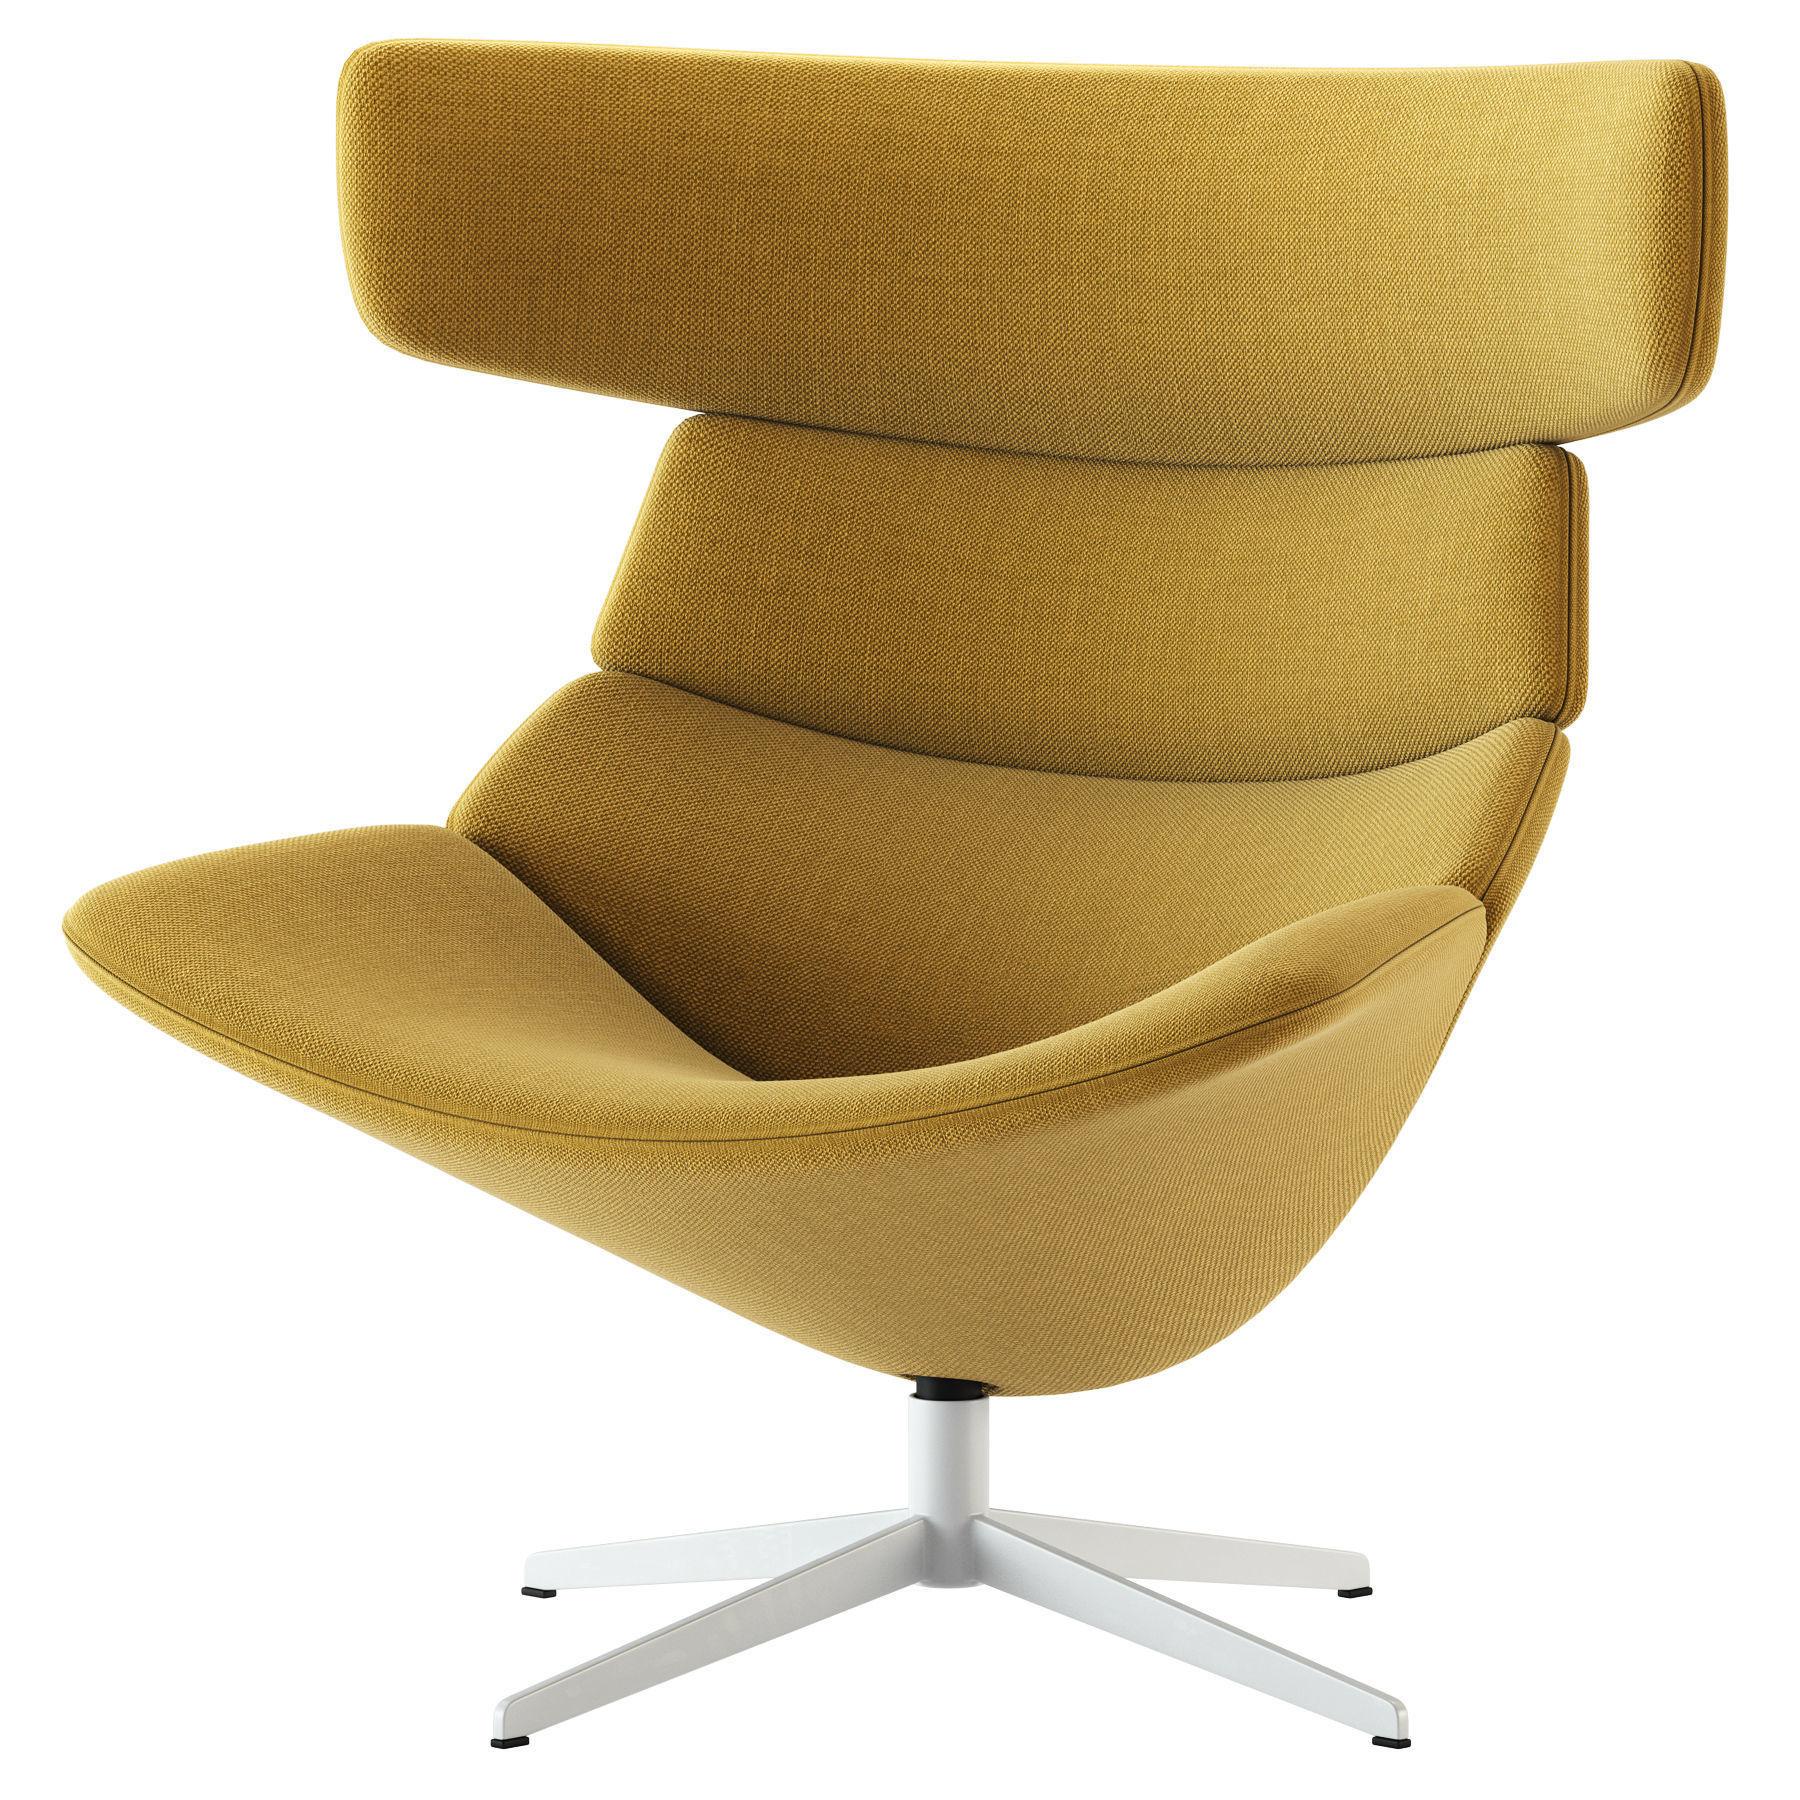 Erik Jorgensen Asko High Easy Chair